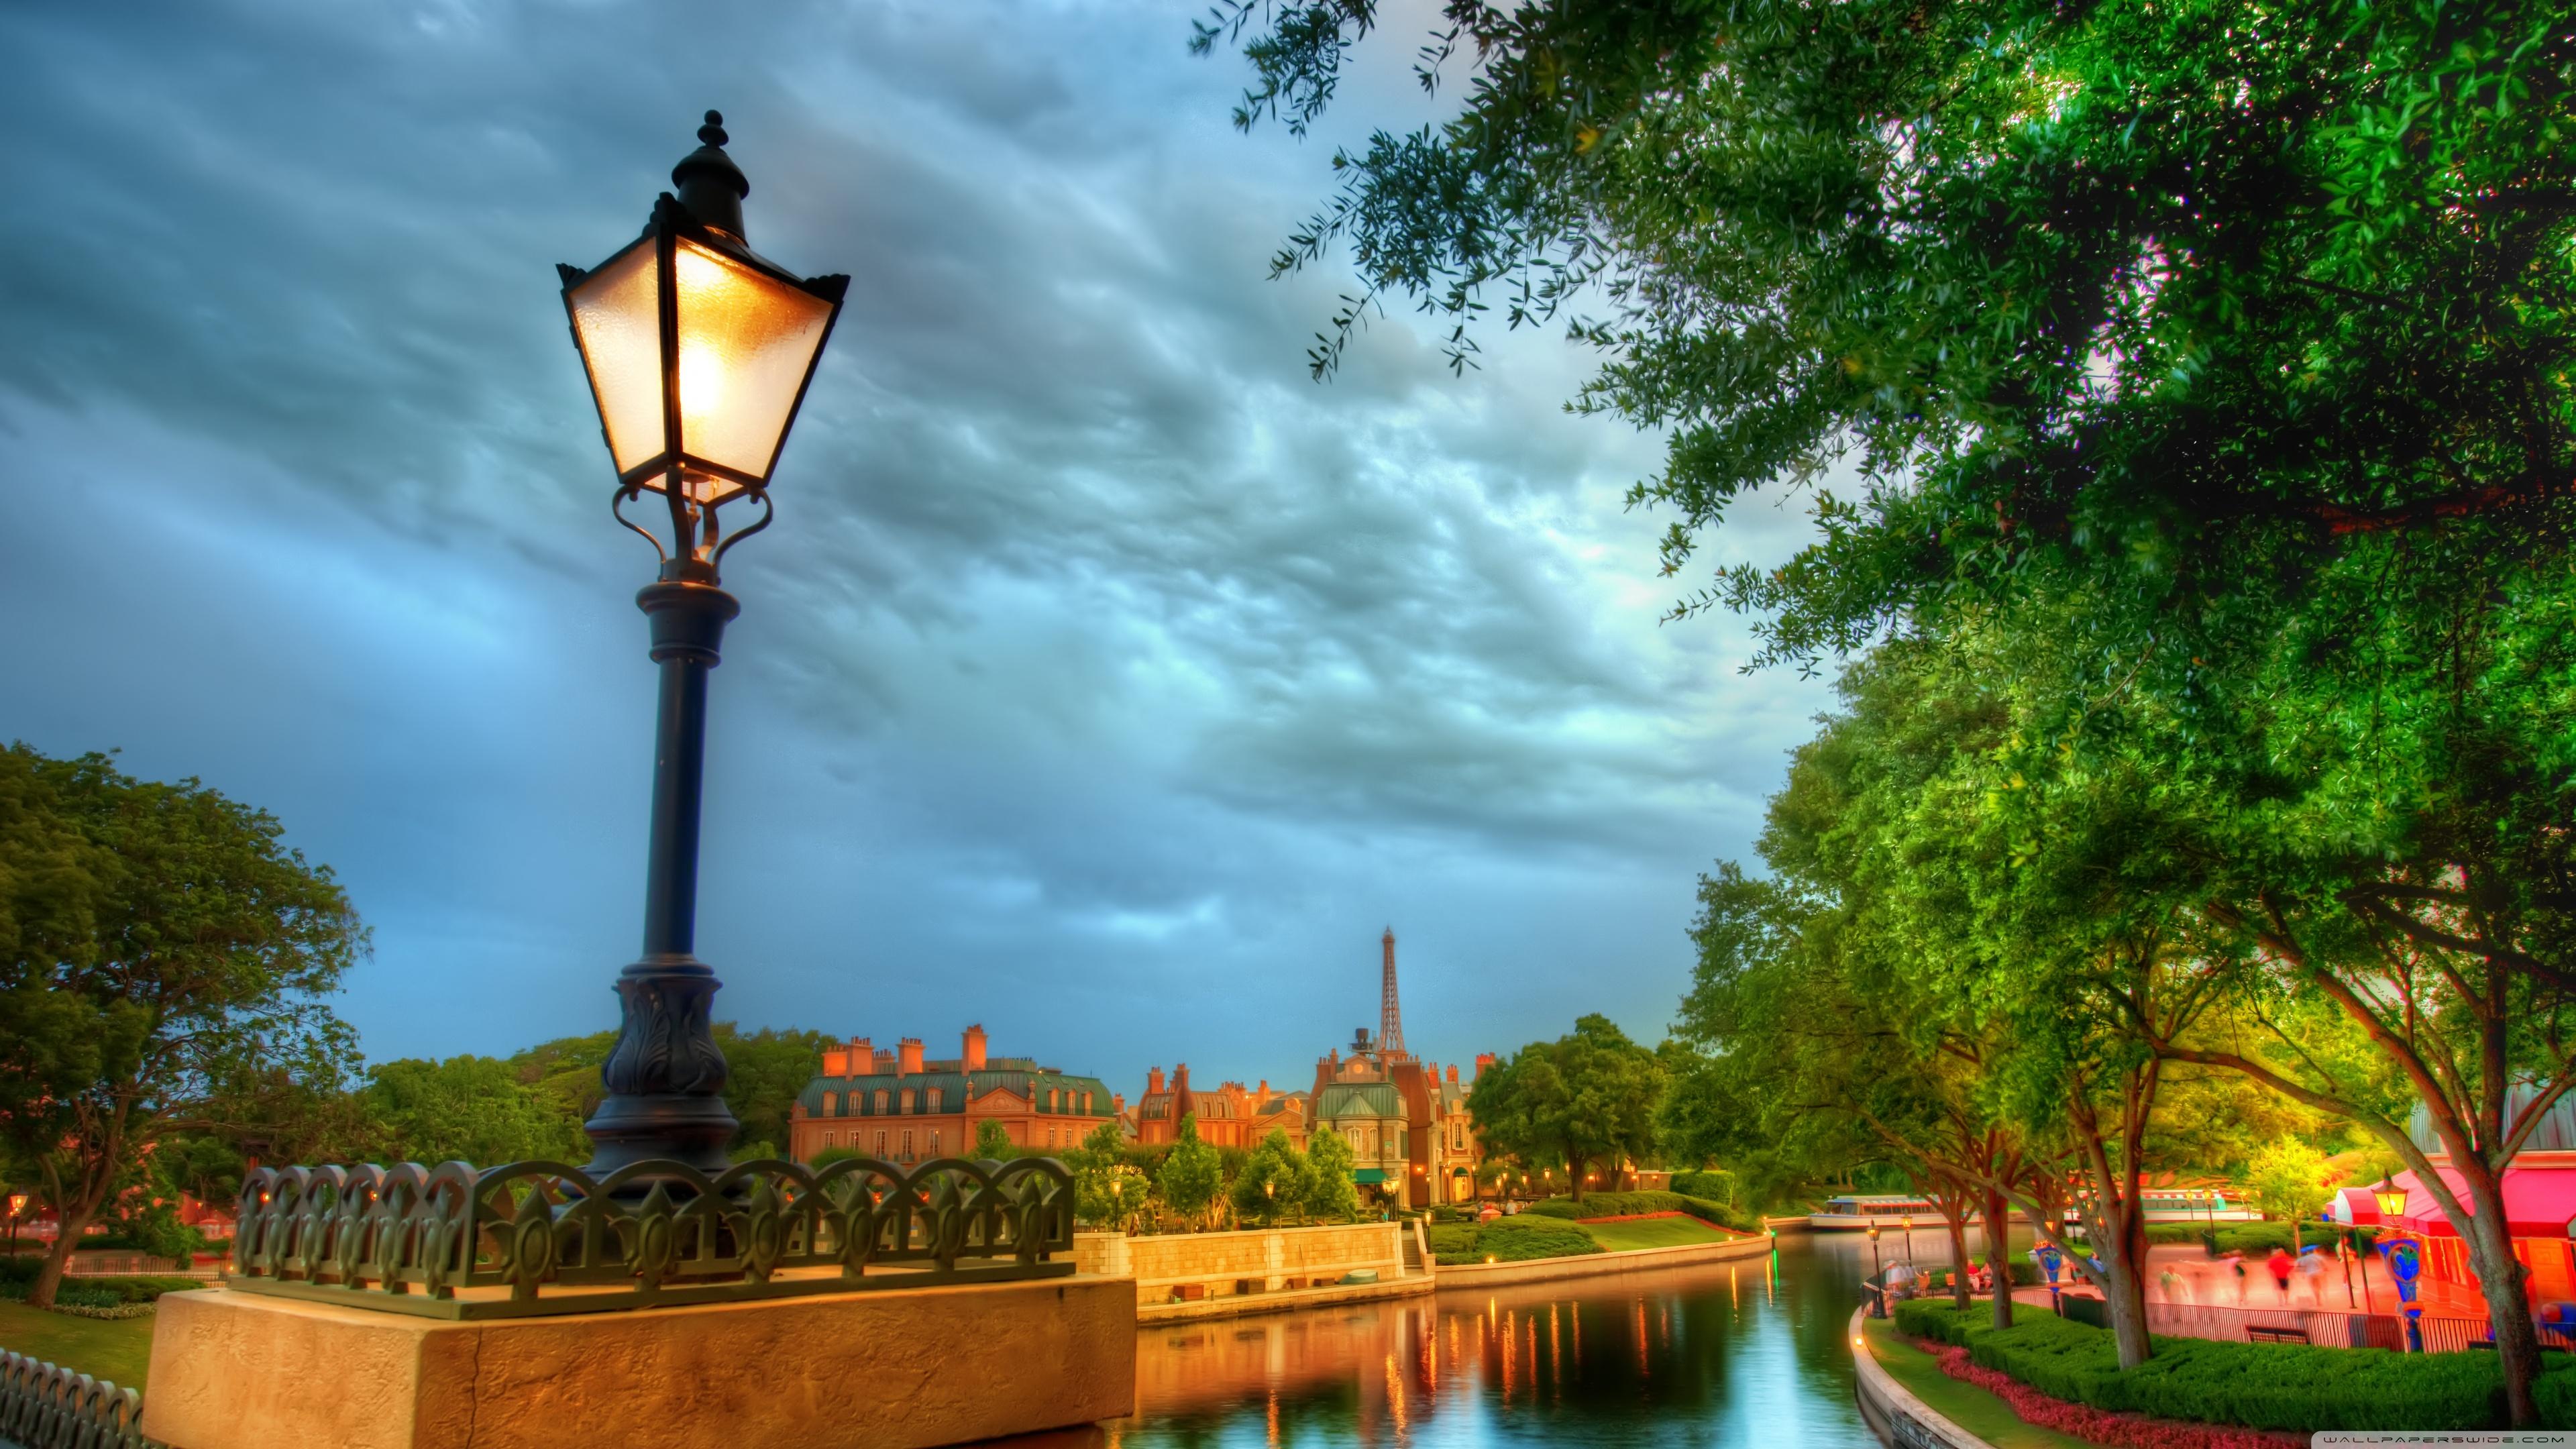 The French Quarter Of Disney 4K HD Desktop Wallpaper for 4K 3840x2160